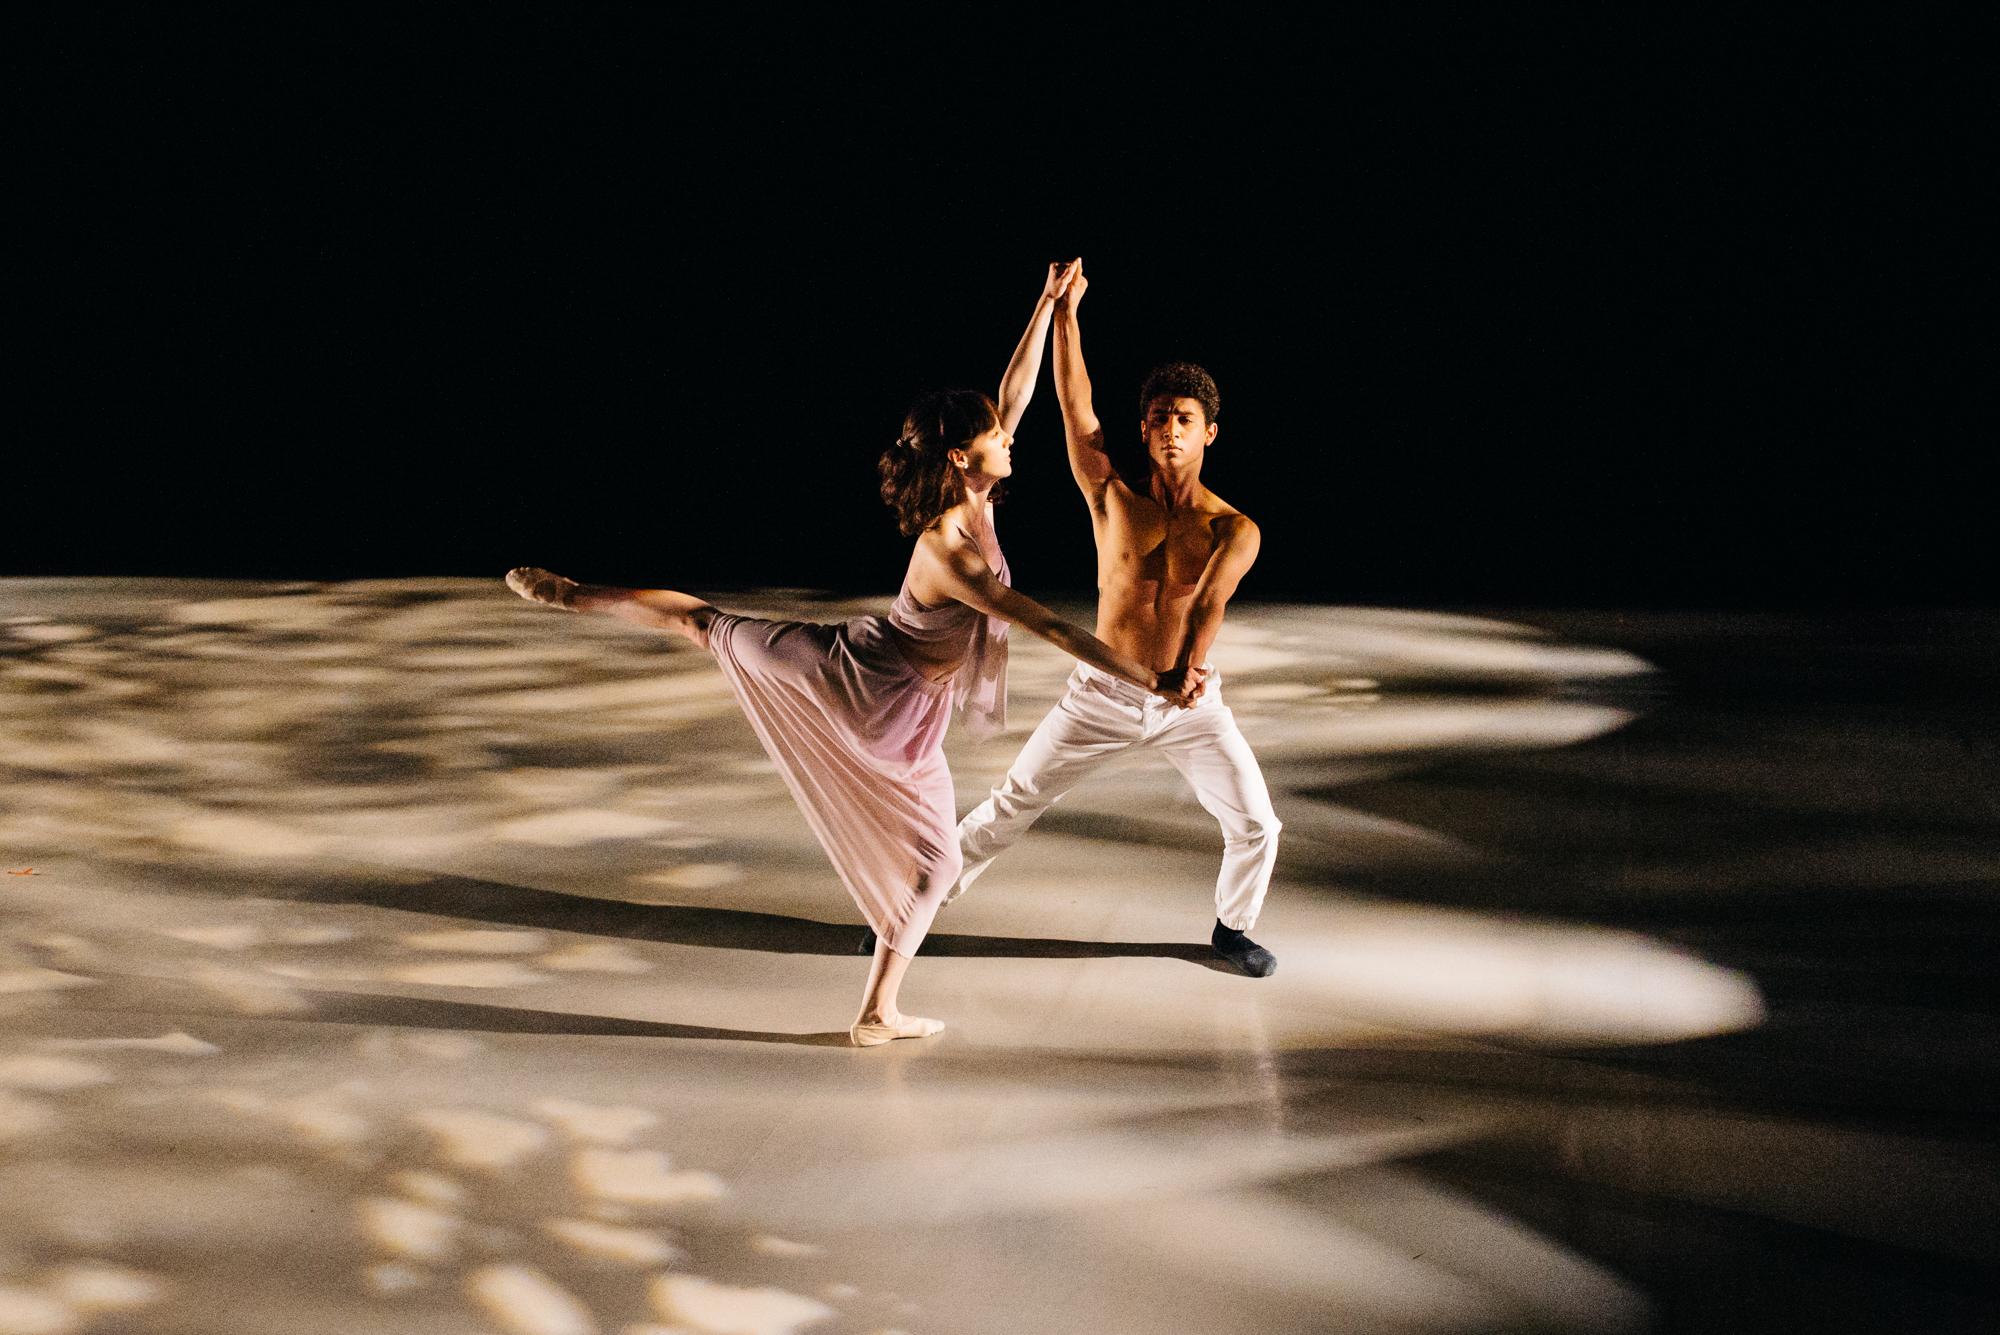 44-colorado-ballet-photographer-colorado-yoga-photographer-colorado-dance-photographer-denver-dance-photographer-denver-yoga-photographer-traveling-dance-photographerRivera-May-2017-Thomas-Dance-Project-0510.jpg